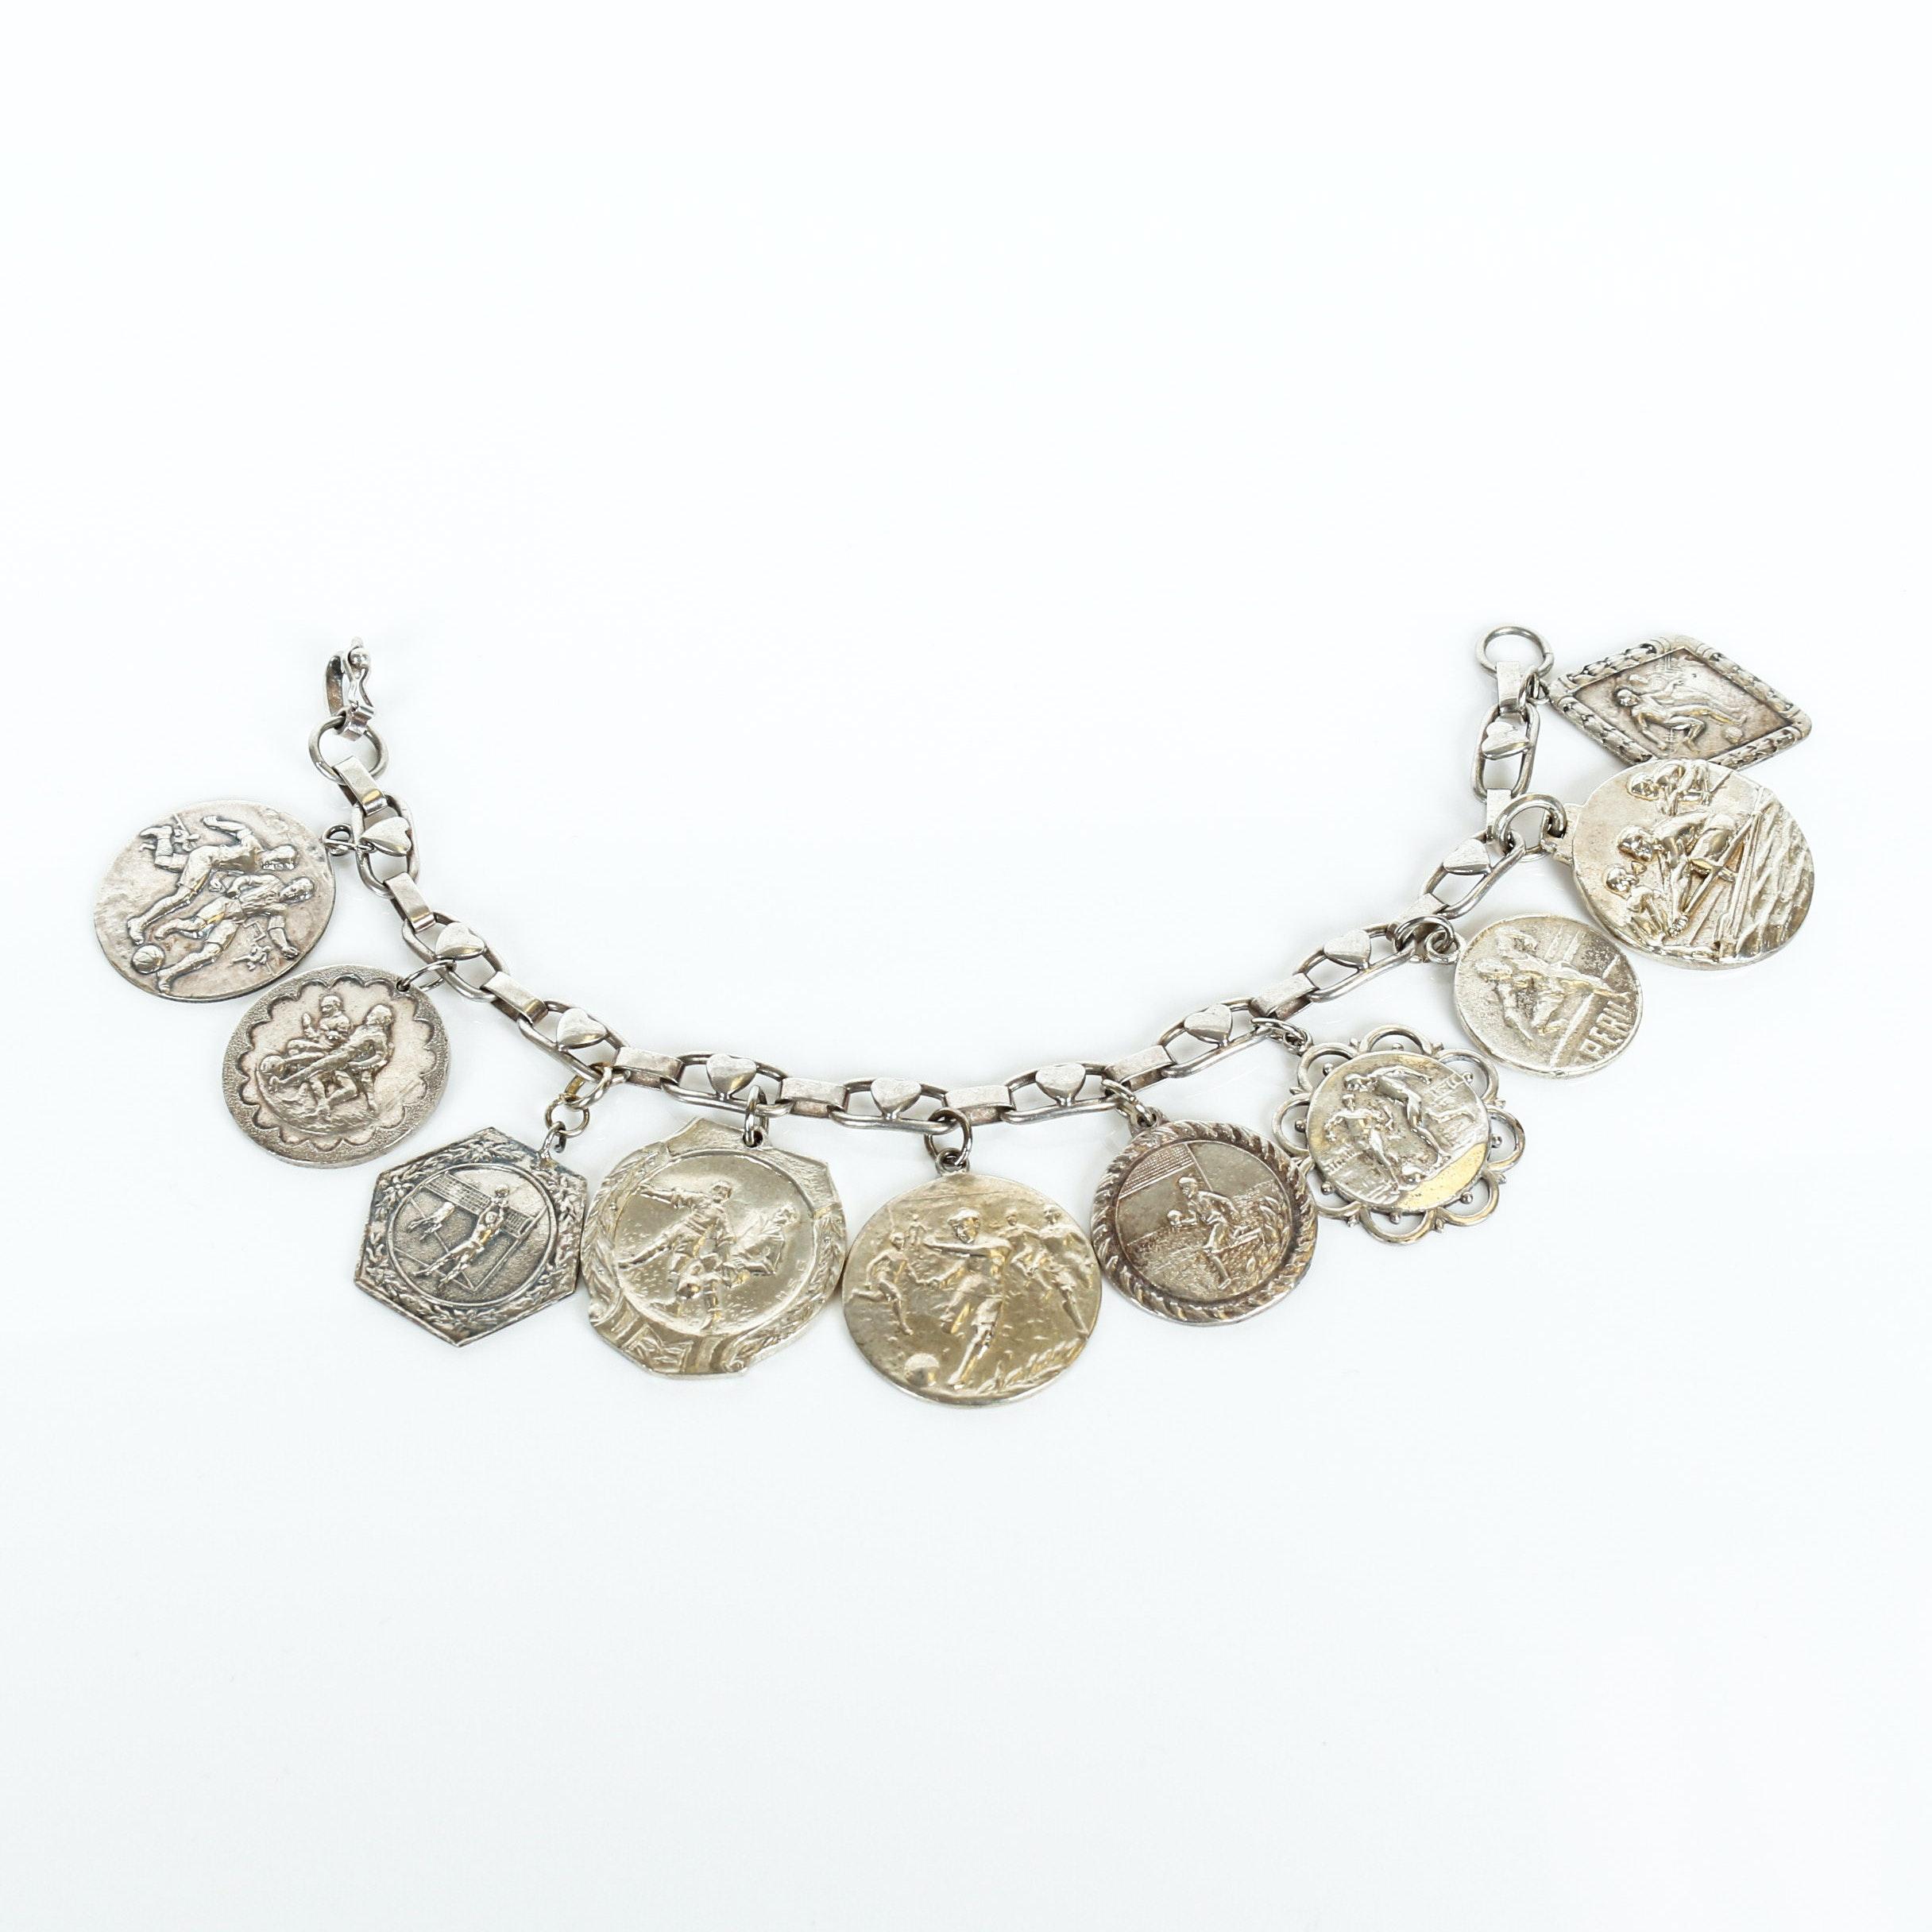 Vintage Silver Coin Medallion Bracelet